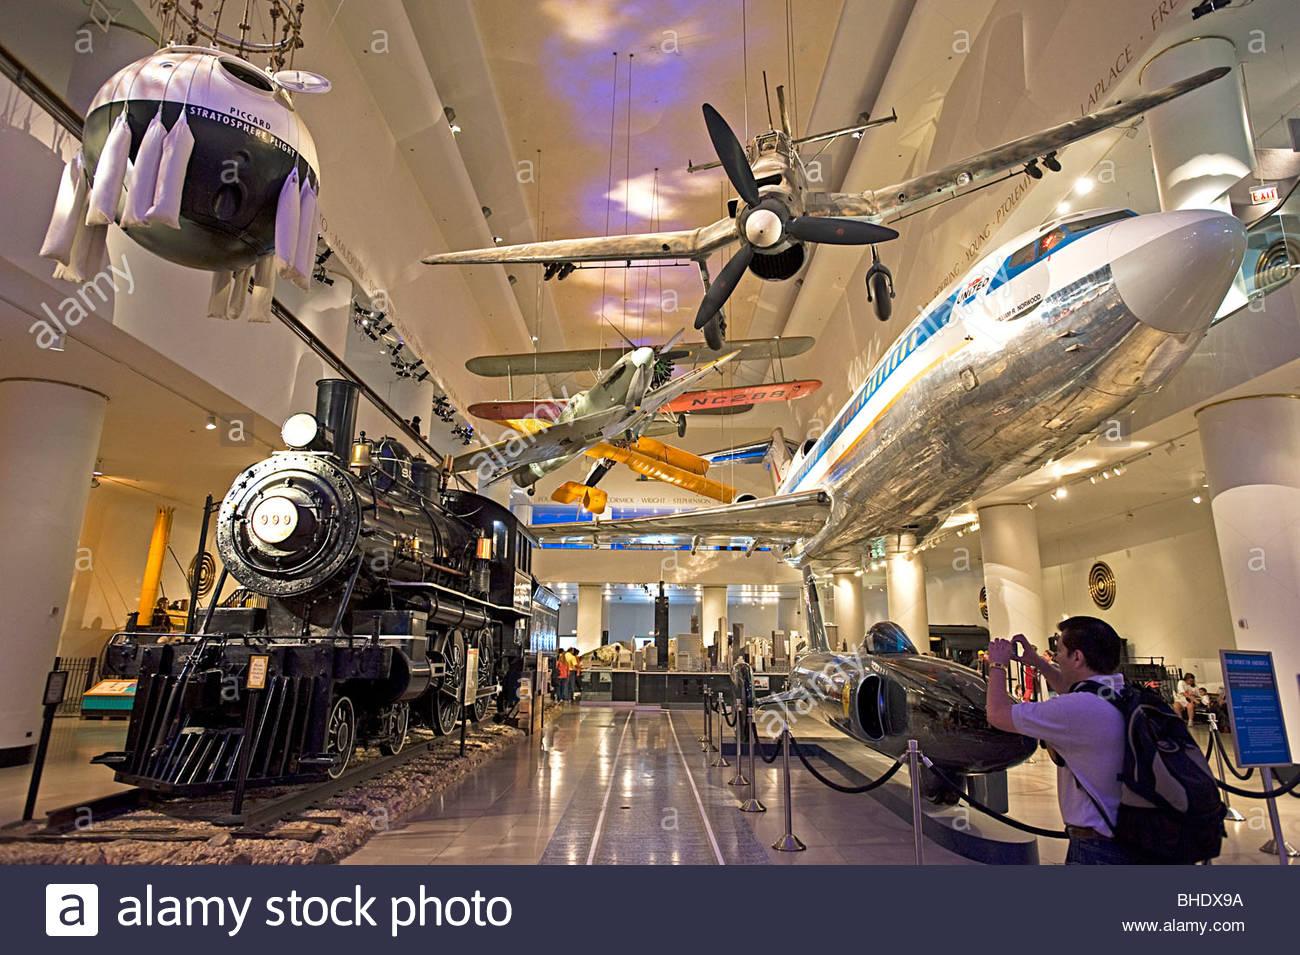 Musée des sciences et de l'industrie. Chicago, Illinois, États-Unis Photo Stock